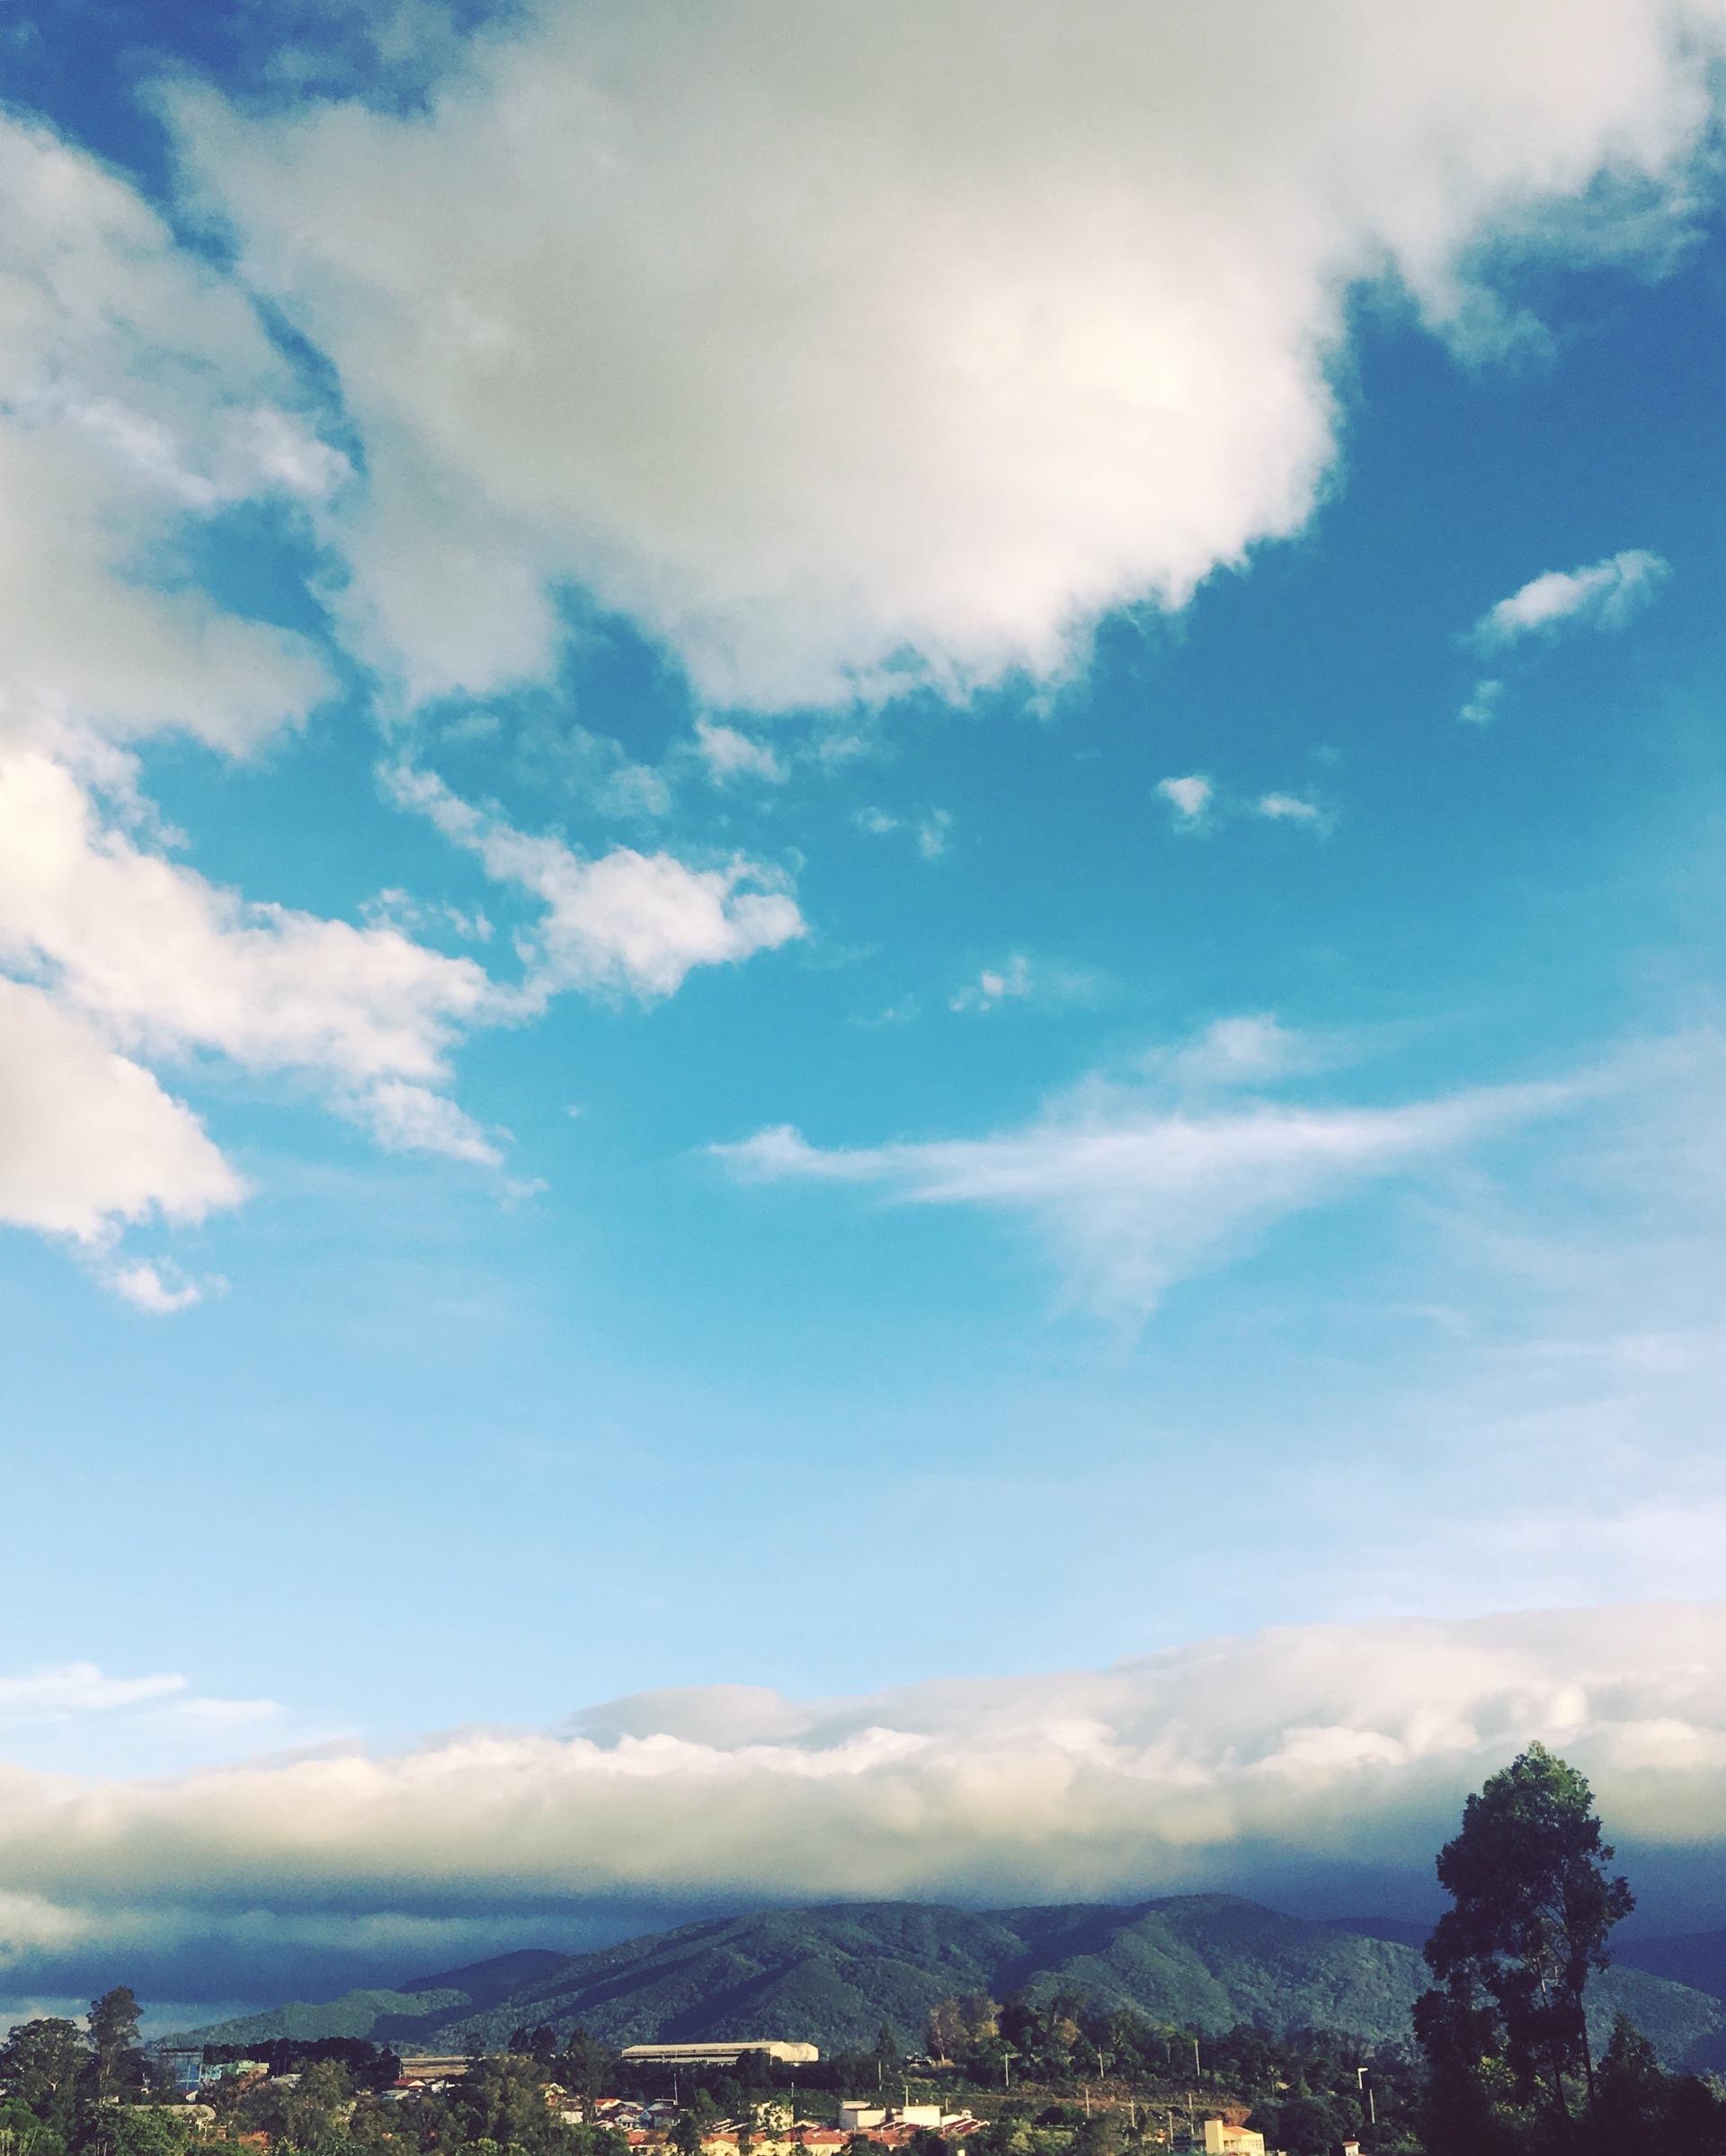 Nossa #SerraDoJapi vista aqui do Bairro Medeiros. Vejam as #nuvens: faz frio ou não no cartão postal de #Jundiaí? ☁️  #Natureza #Fotografia #Paisagem